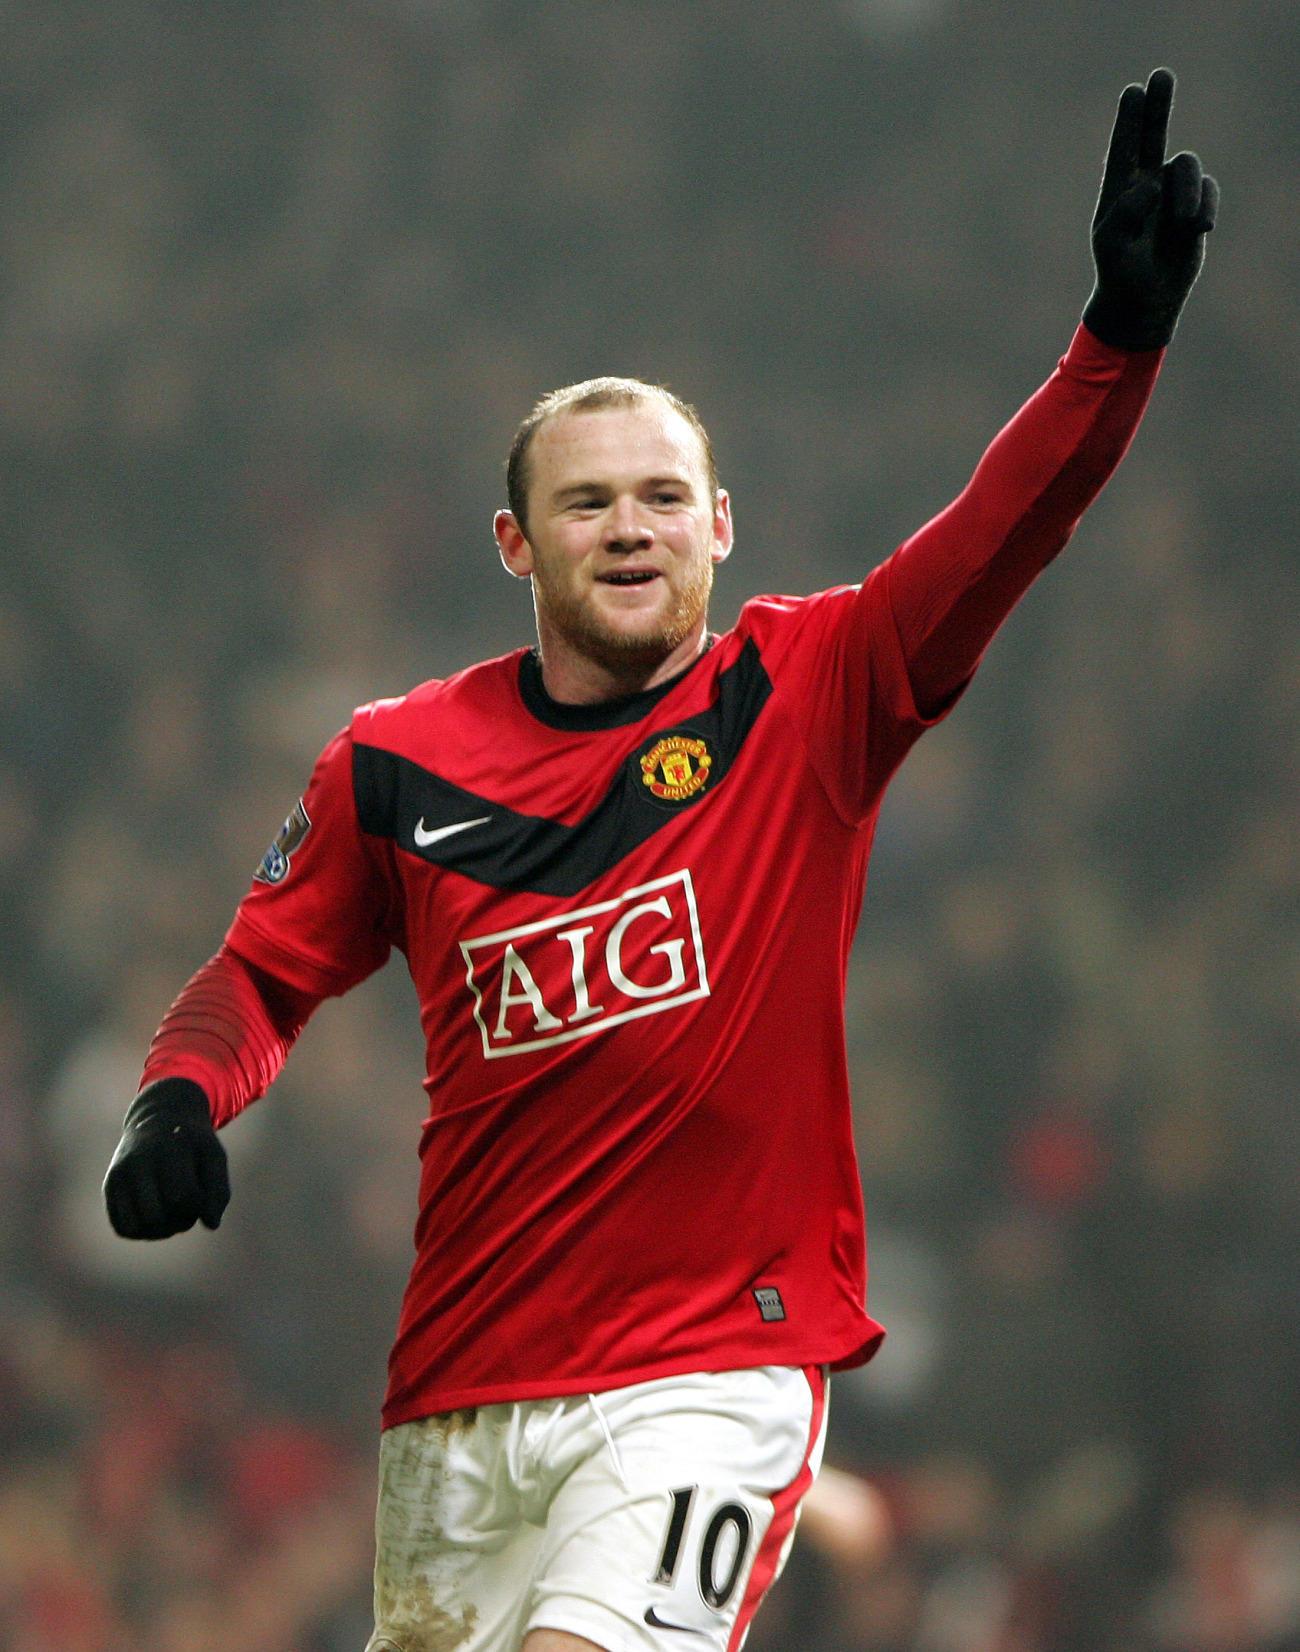 Wayne Rooney, 208 gol in Premier League